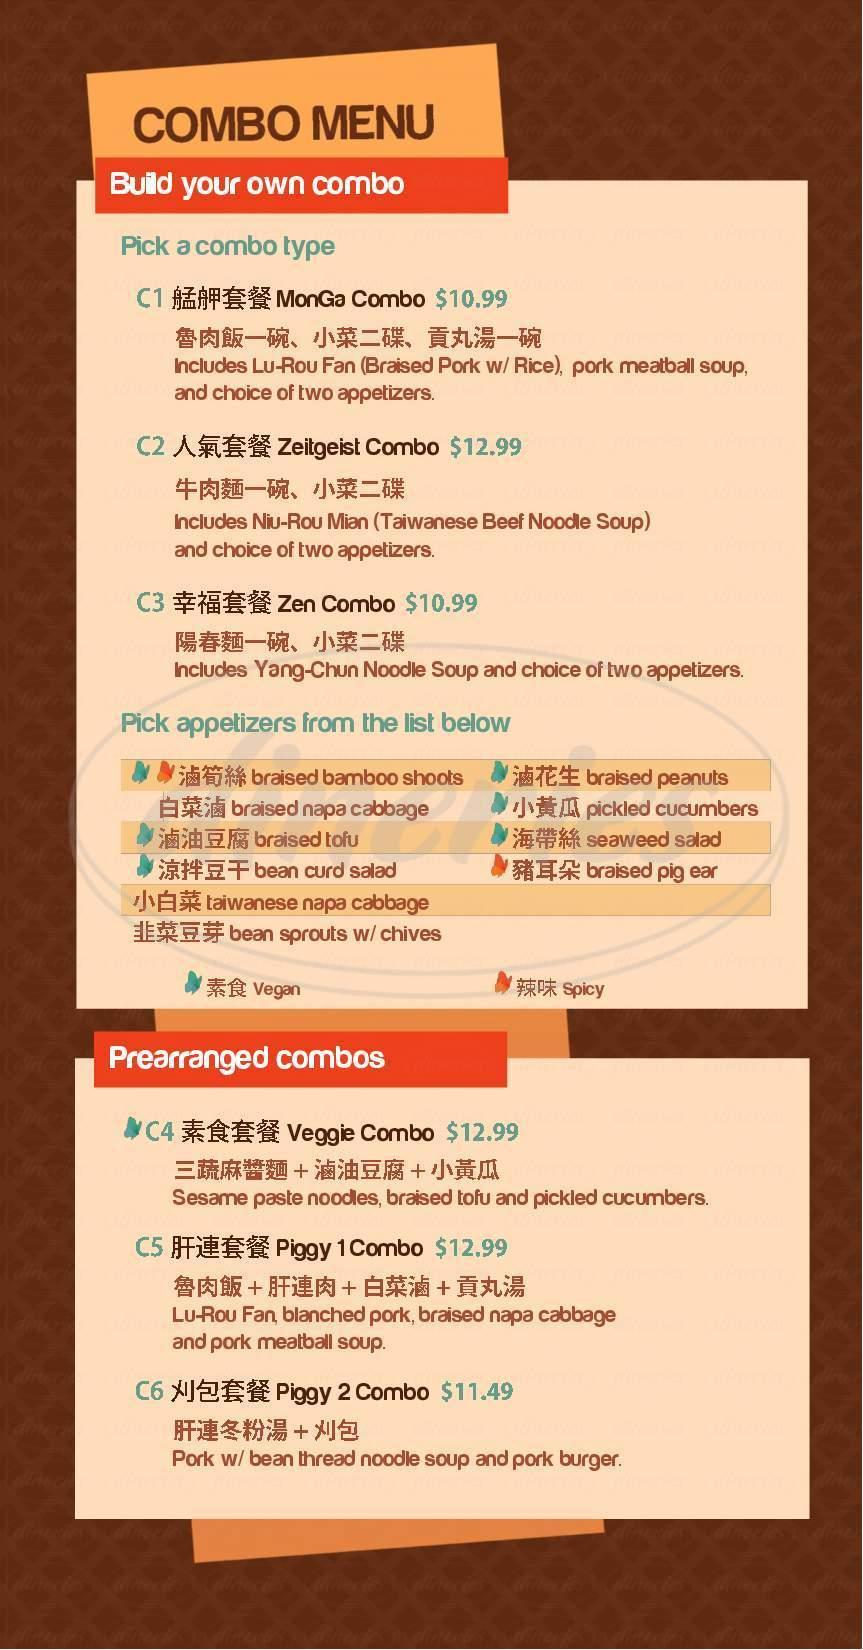 menu for MonGa Café